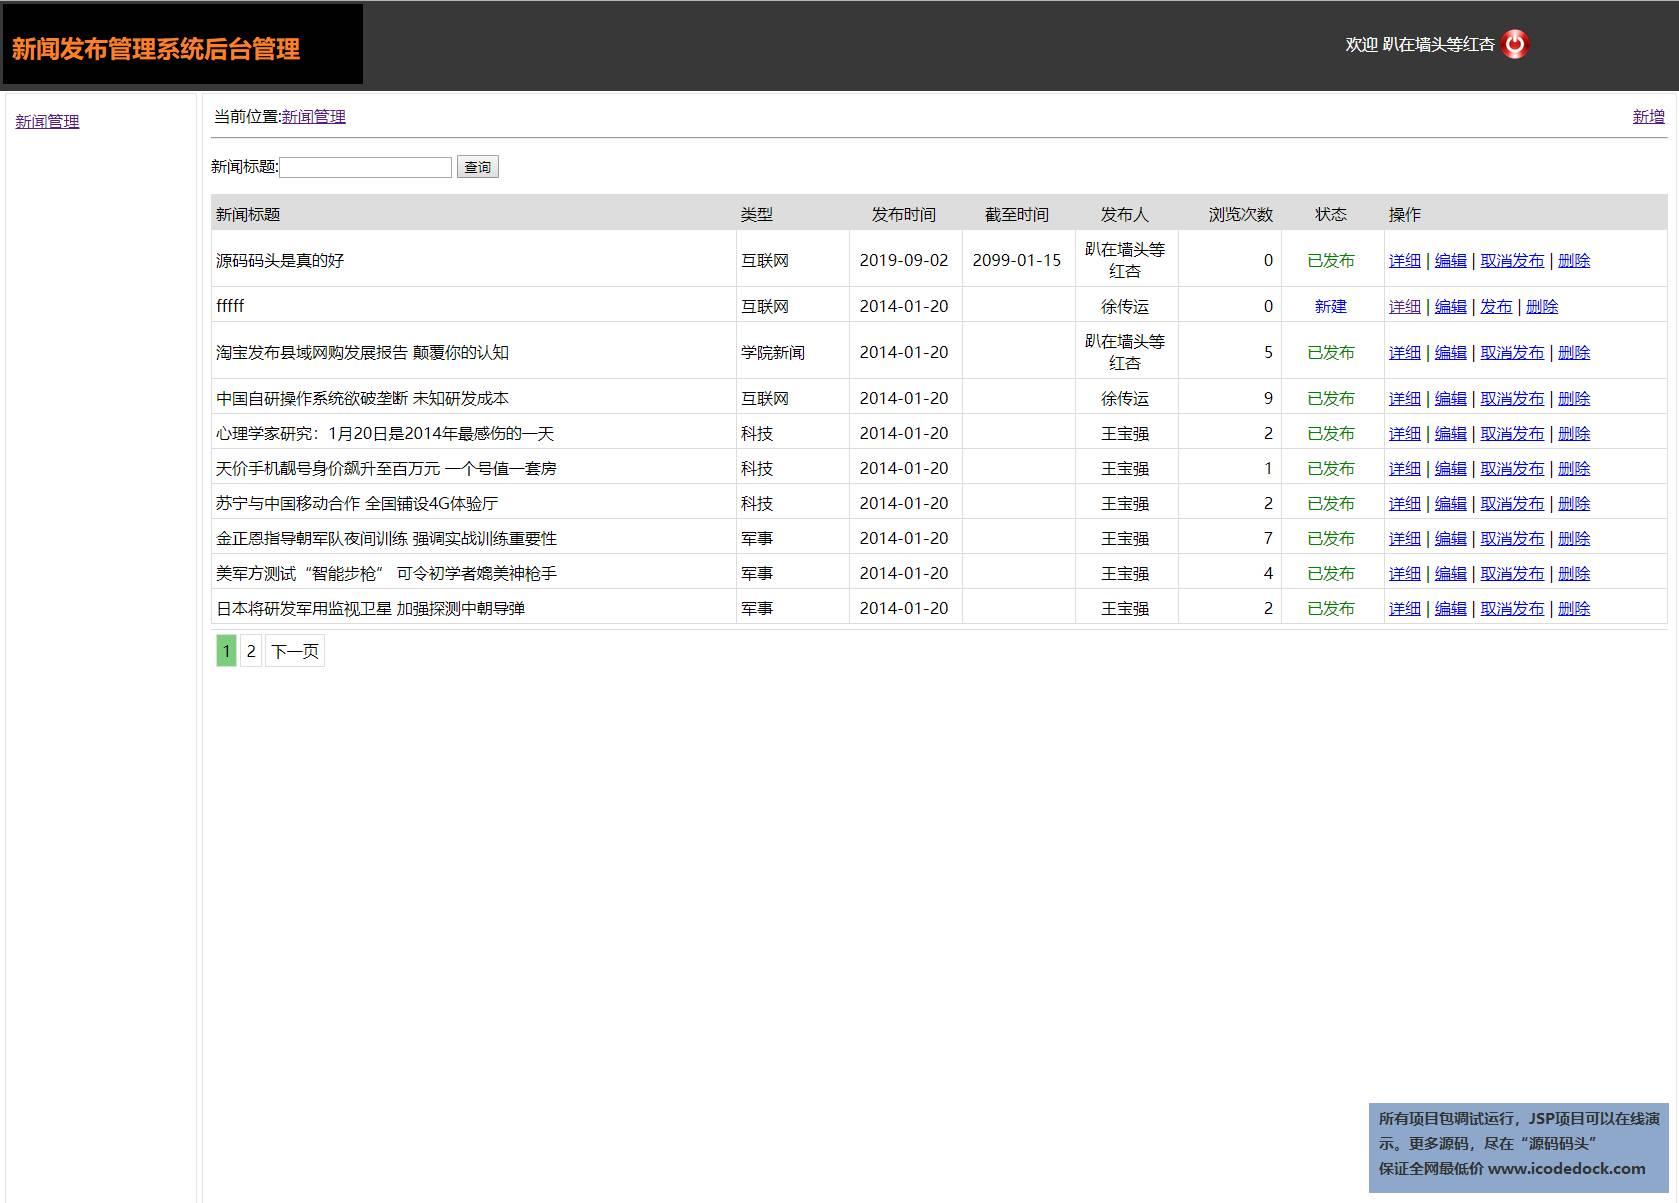 源码码头-JSP新闻发布管理系统-新闻编辑角色-新闻管理界面